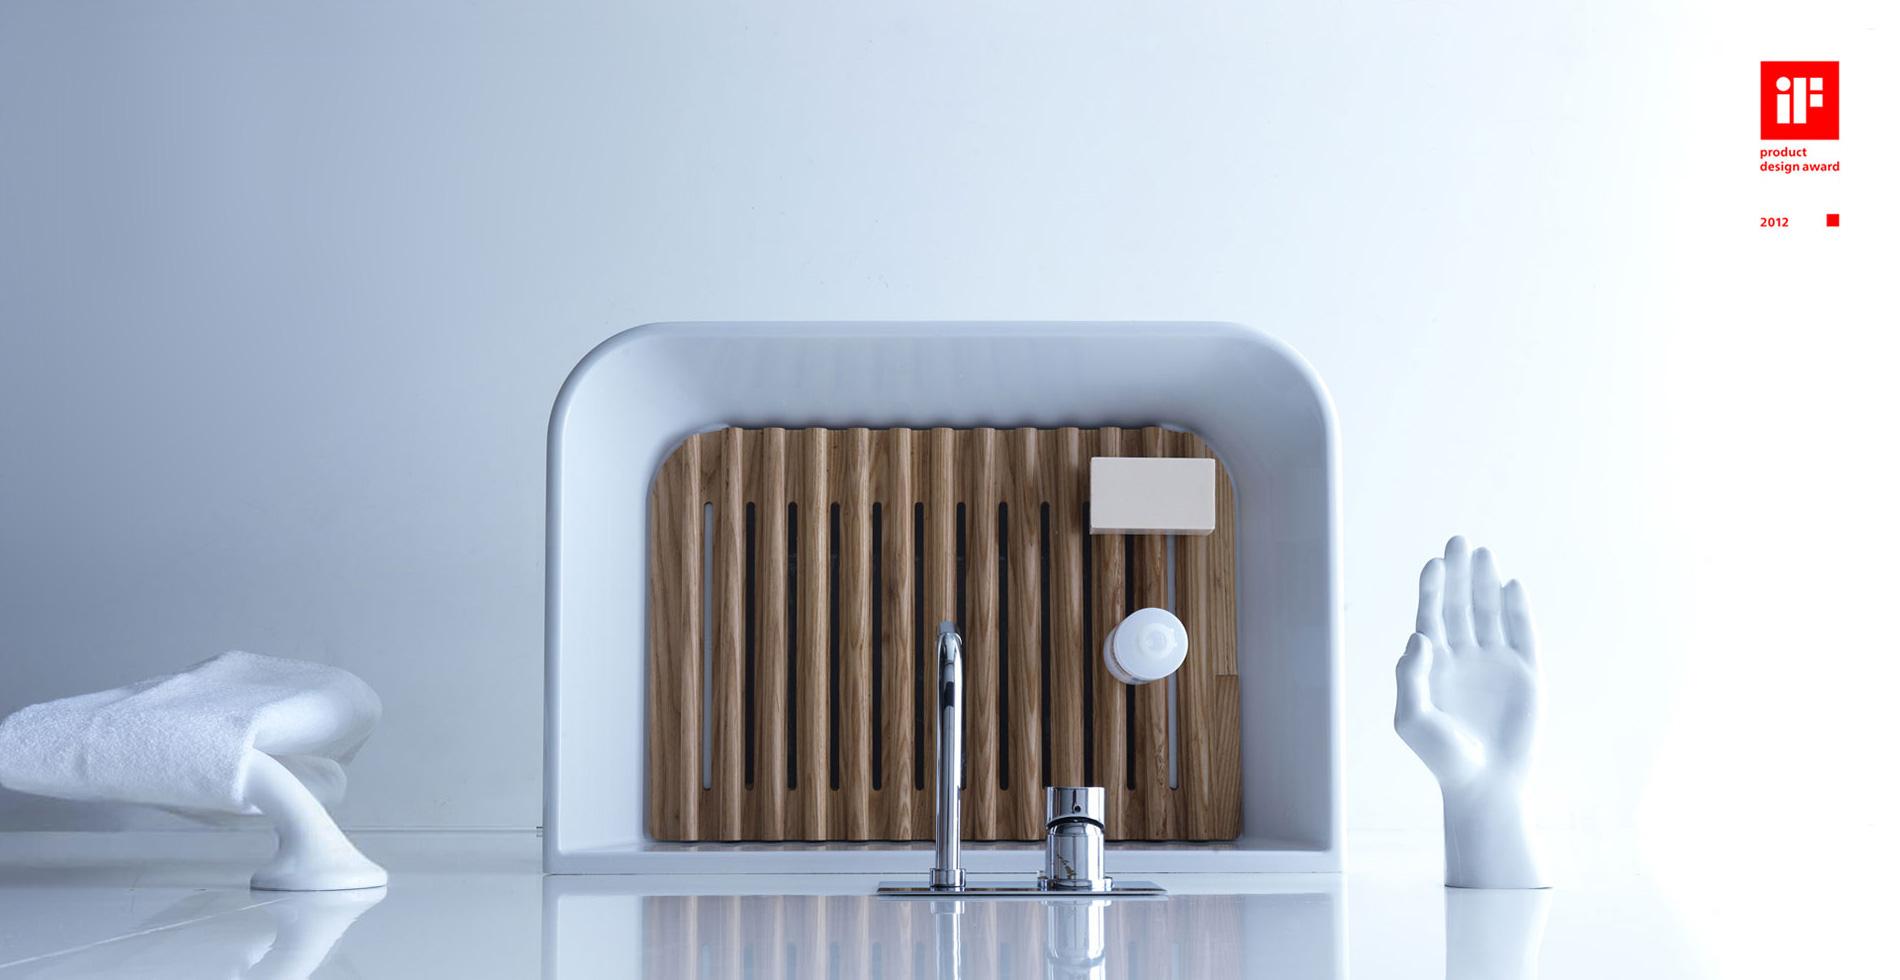 MEG11 - Lavabo lavatoio in legno di frassino | IF Product Design Award 2012| Design by Antonio Pascale per Galassia